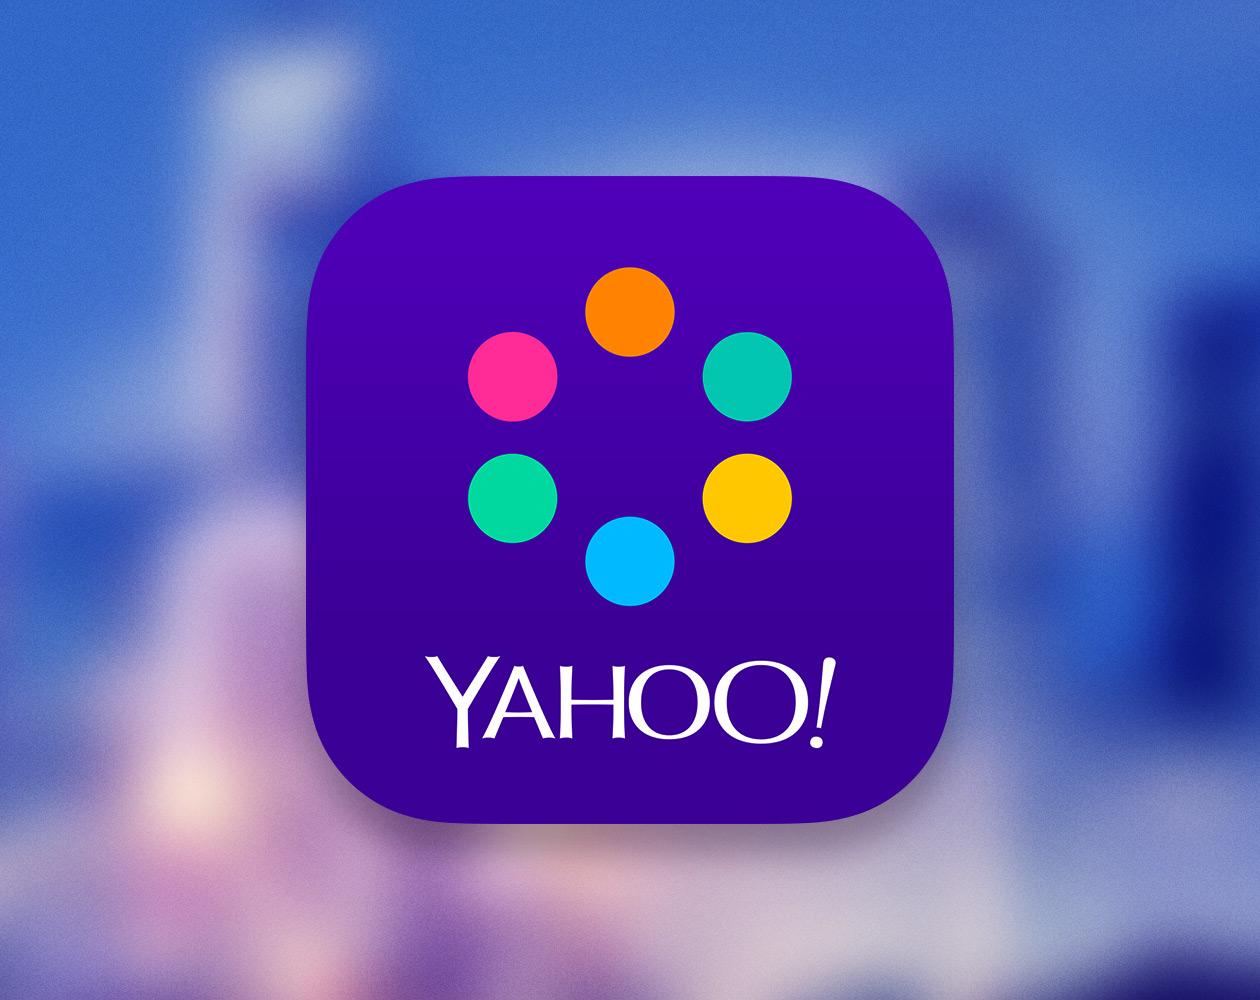 Yahoo News Digest для iPhone: самые интересные новости утром и вечером в вашем кармане